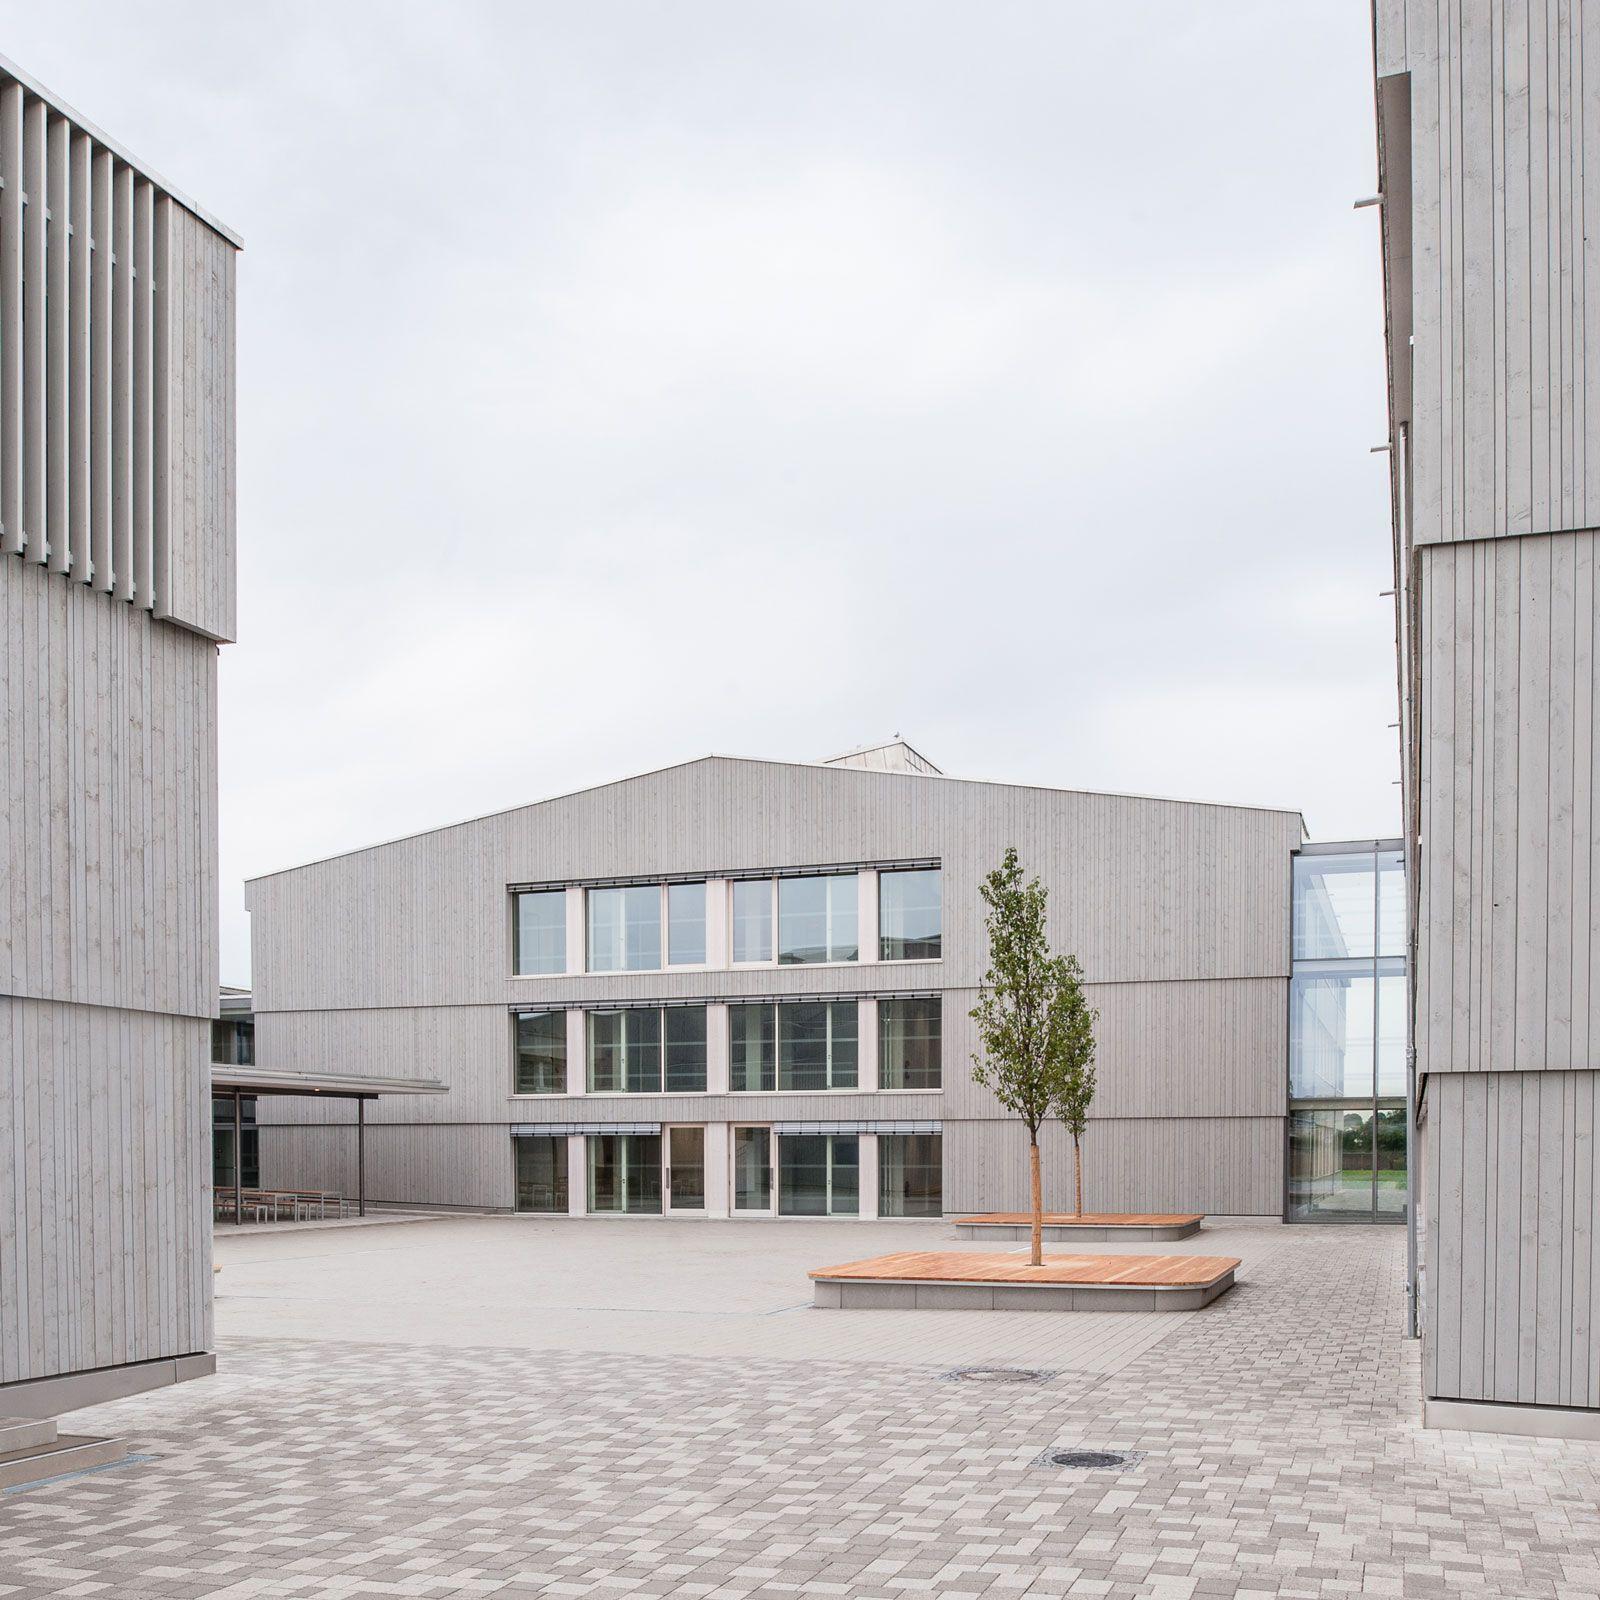 Architekt Augsburg architekten hermann kaufmann zt gmbh projekte gymnasium diedorf